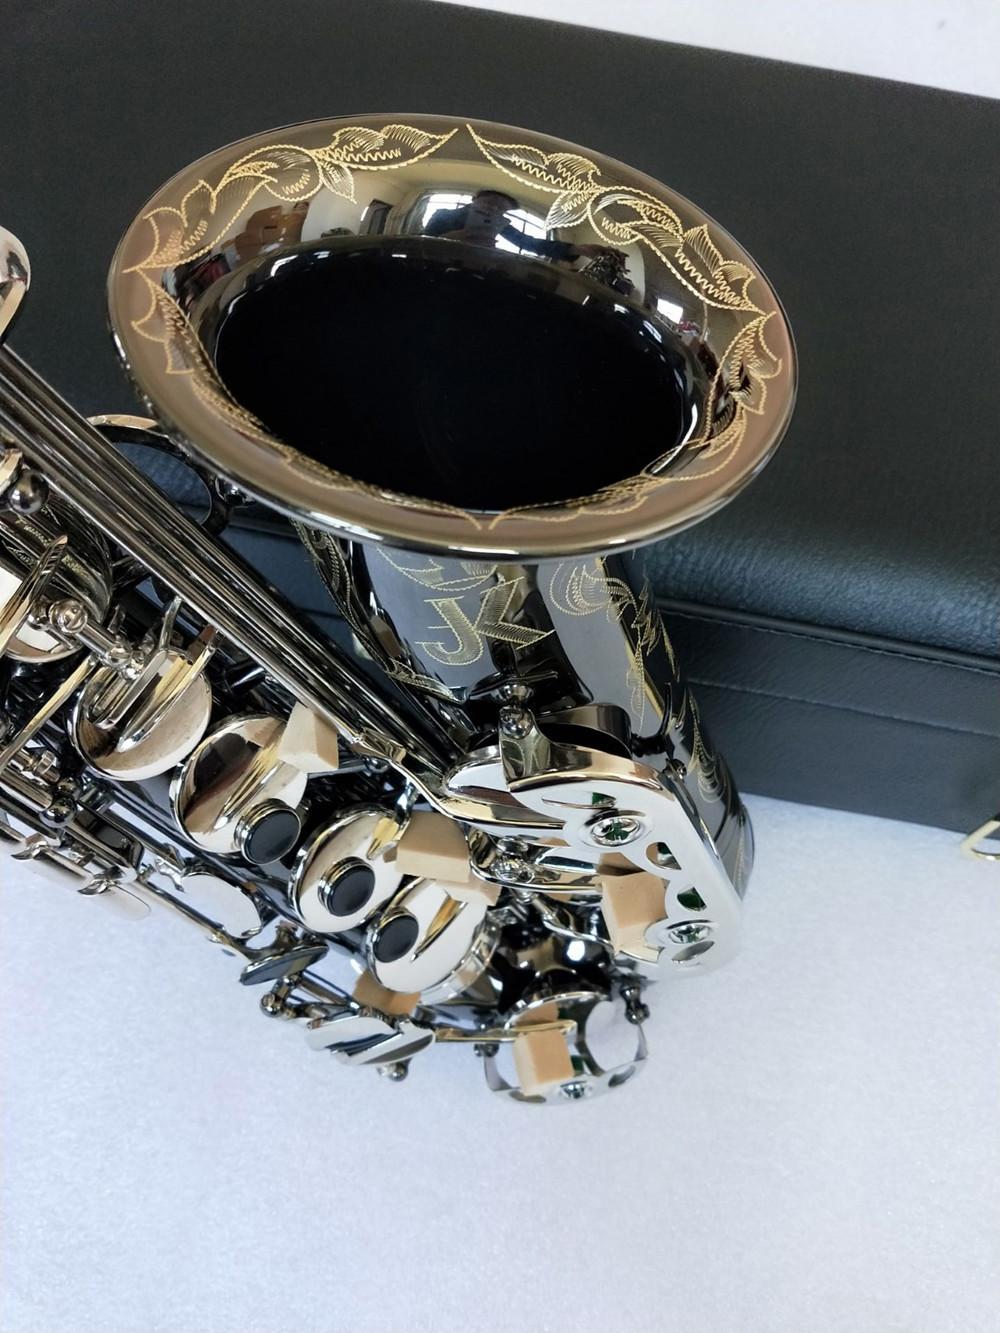 Качество Германия JK SX90R Keilwerth Saxophone Alto Black Nickel Sax латунный музыкальный инструмент с корпусом MOU